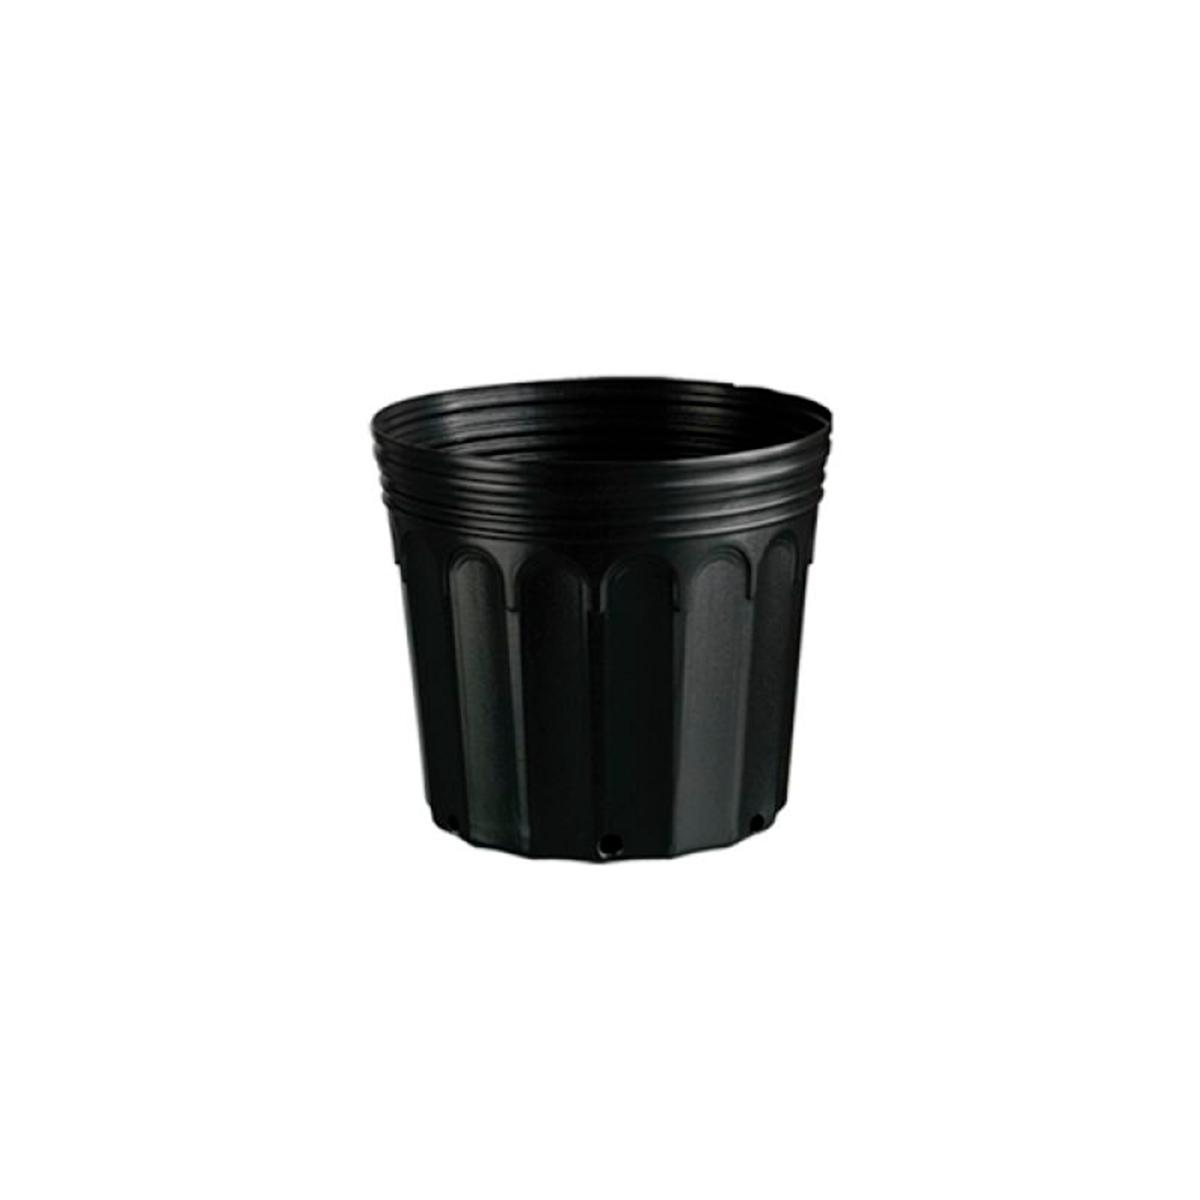 Kit com 45 Embalagem para Mudas Vaso Sem Alça 11 Litros